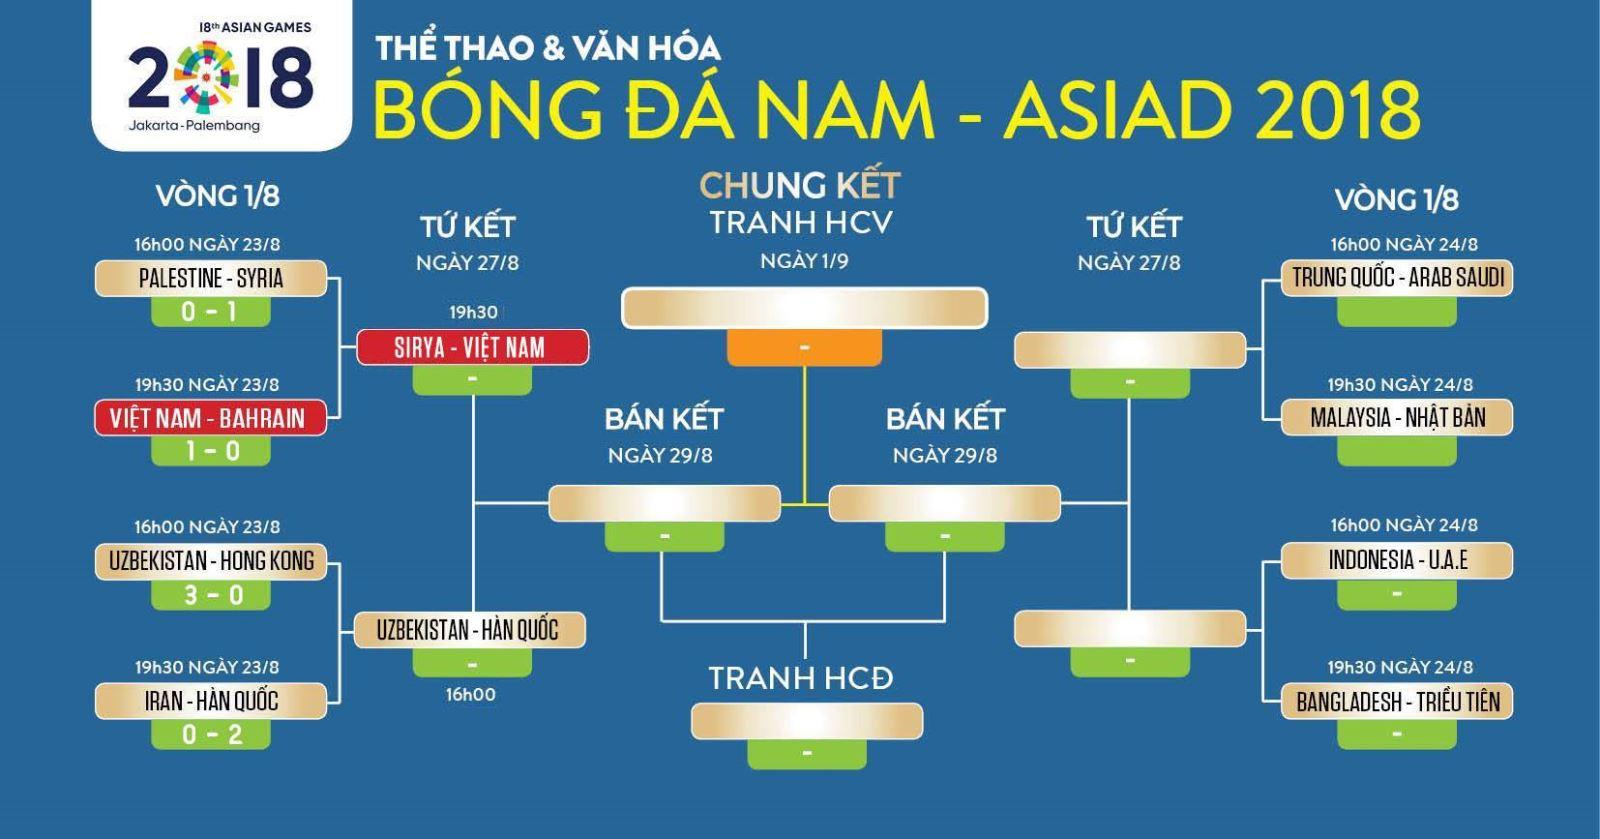 VTC3, VTC Now, Trực tiếp bóng đá, VTC3 trực tiếp, Xem VTC, Xem VTC3, Xem VTV6, Xem VOV, U23 Việt Nam, Nữ Việt Nam, Nữ Đài Loan, xem bóng đá trực tuyến, lịch thi đấu bóng đá Asiad 2018, trực tiếp bóng đá nữ